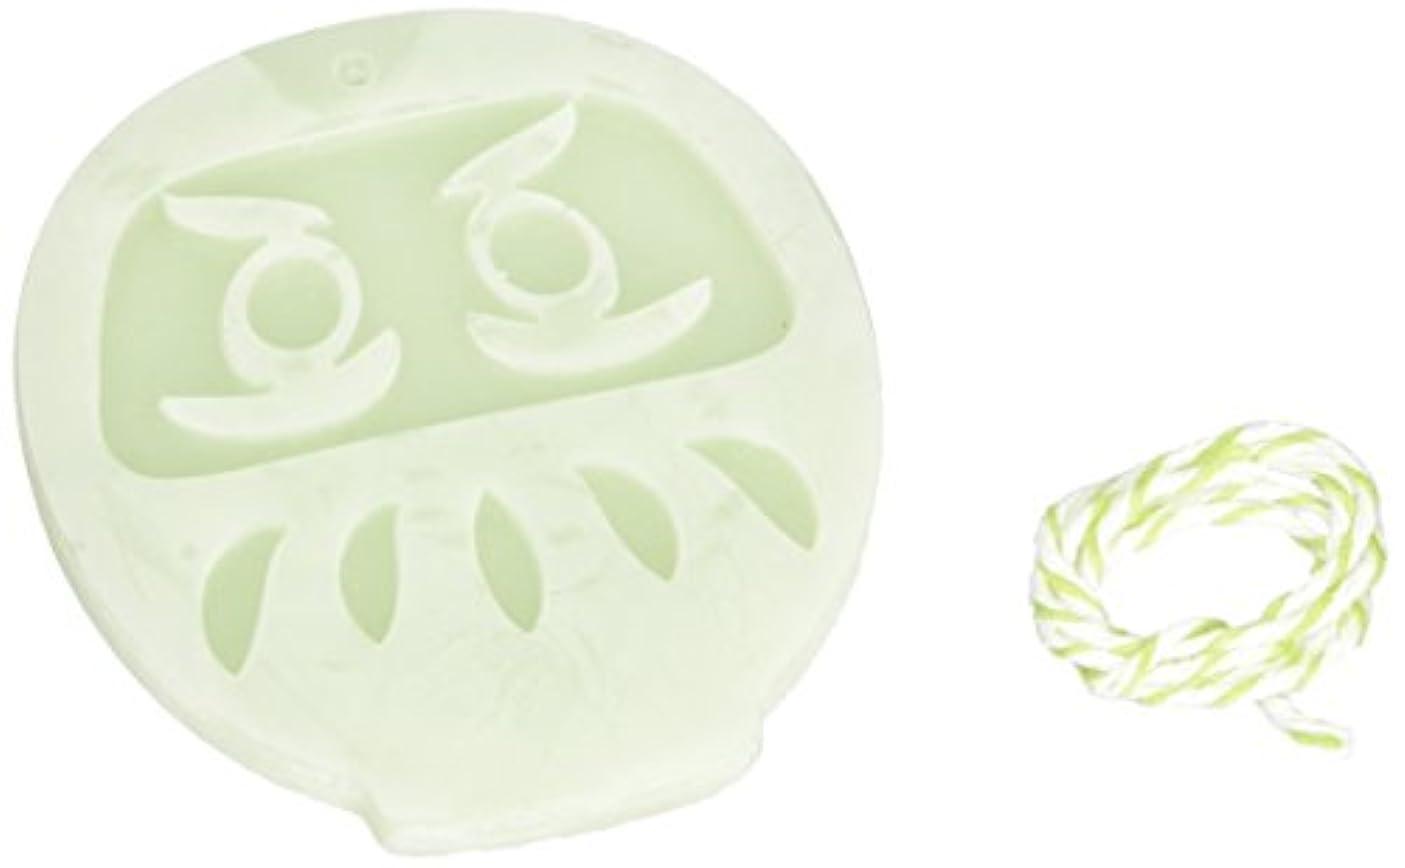 フロンティア偽造トランクGRASSE TOKYO AROMATICWAXチャーム「だるま」(GR) レモングラス アロマティックワックス グラーストウキョウ